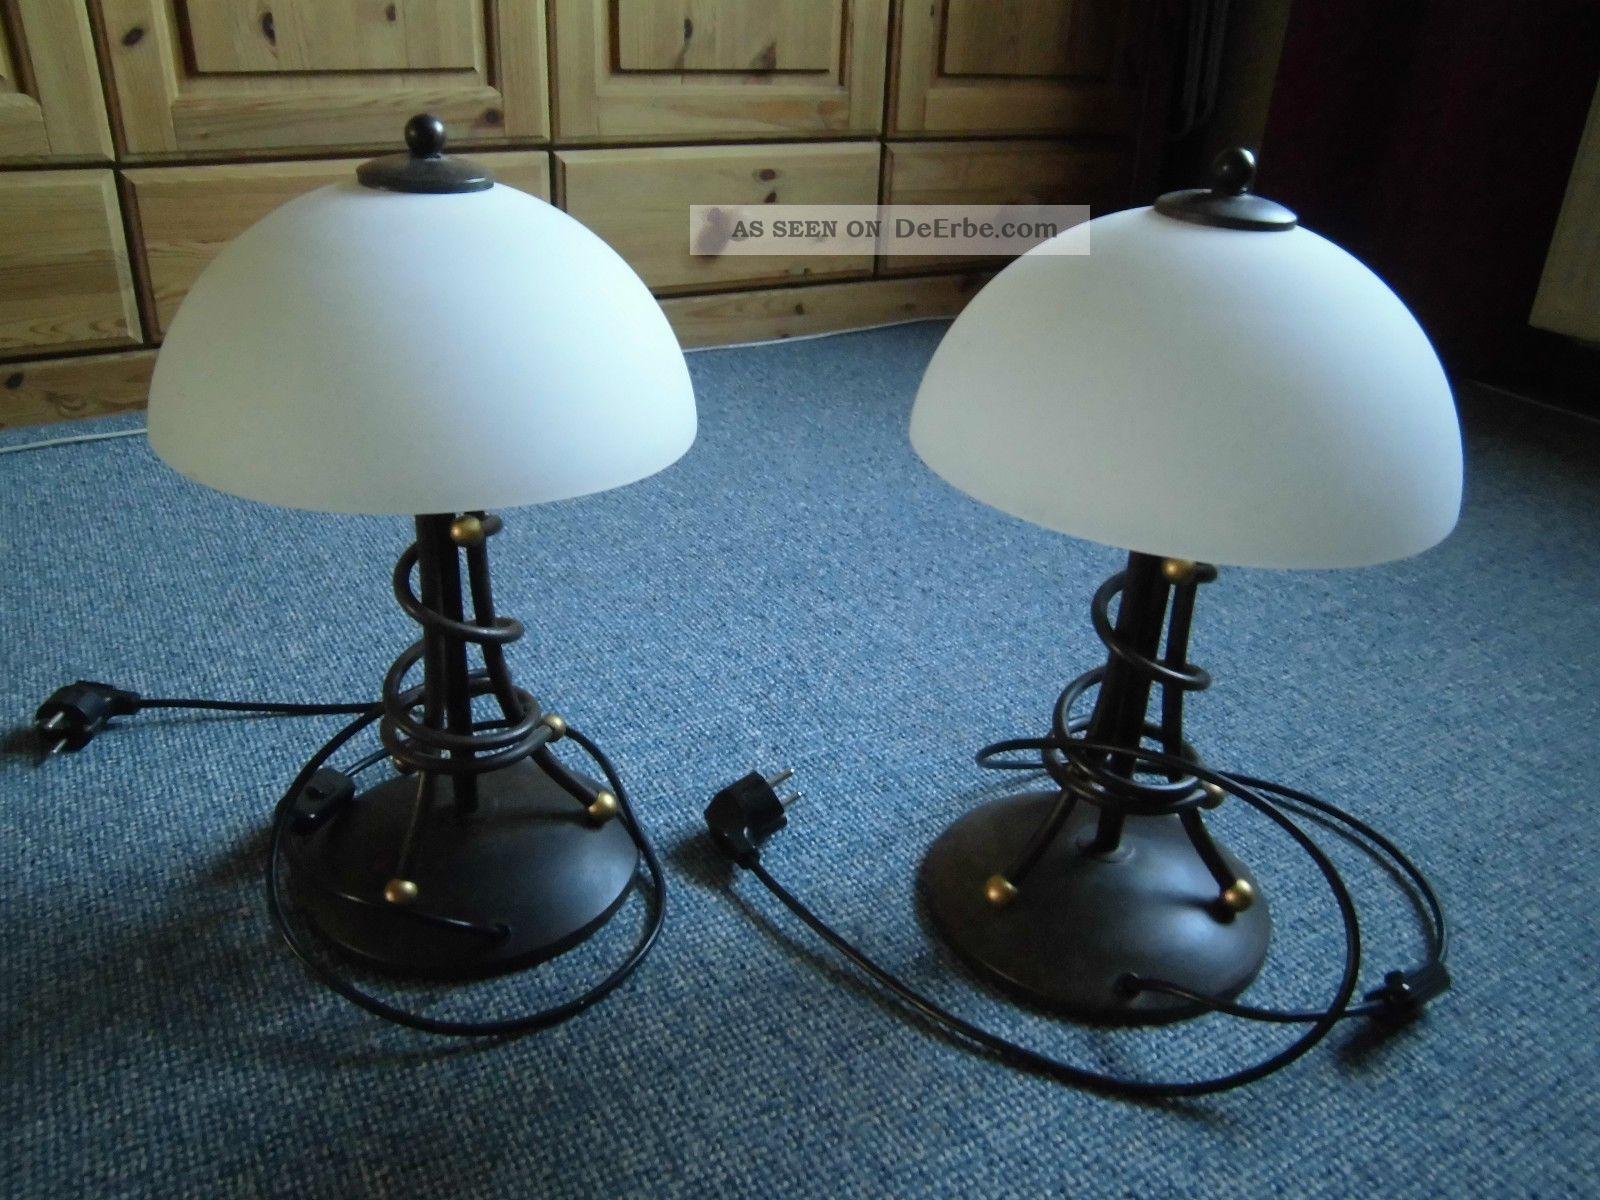 Full Size of Landhaus Lampen Tiim Landhausstil Lampe Mediterran Antik Stil Küche Wandregal Bad Deckenlampen Für Wohnzimmer Sofa Modern Boxspring Bett Moderne Wohnzimmer Landhaus Lampen